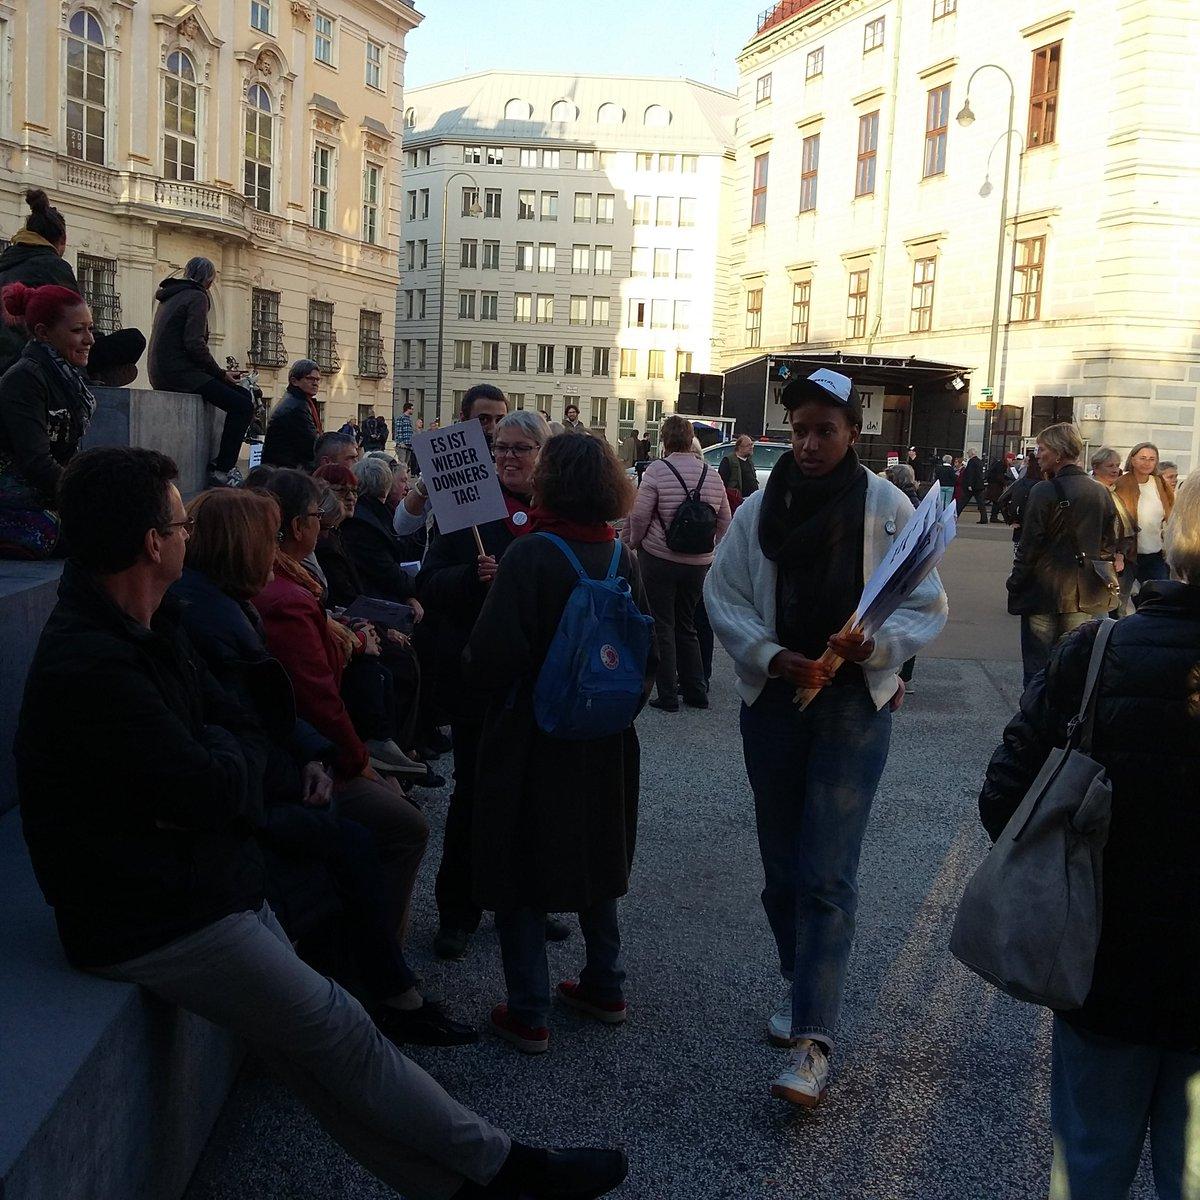 Carsten Zimmermann On Twitter Donnerstag Demo Ballhausplatz